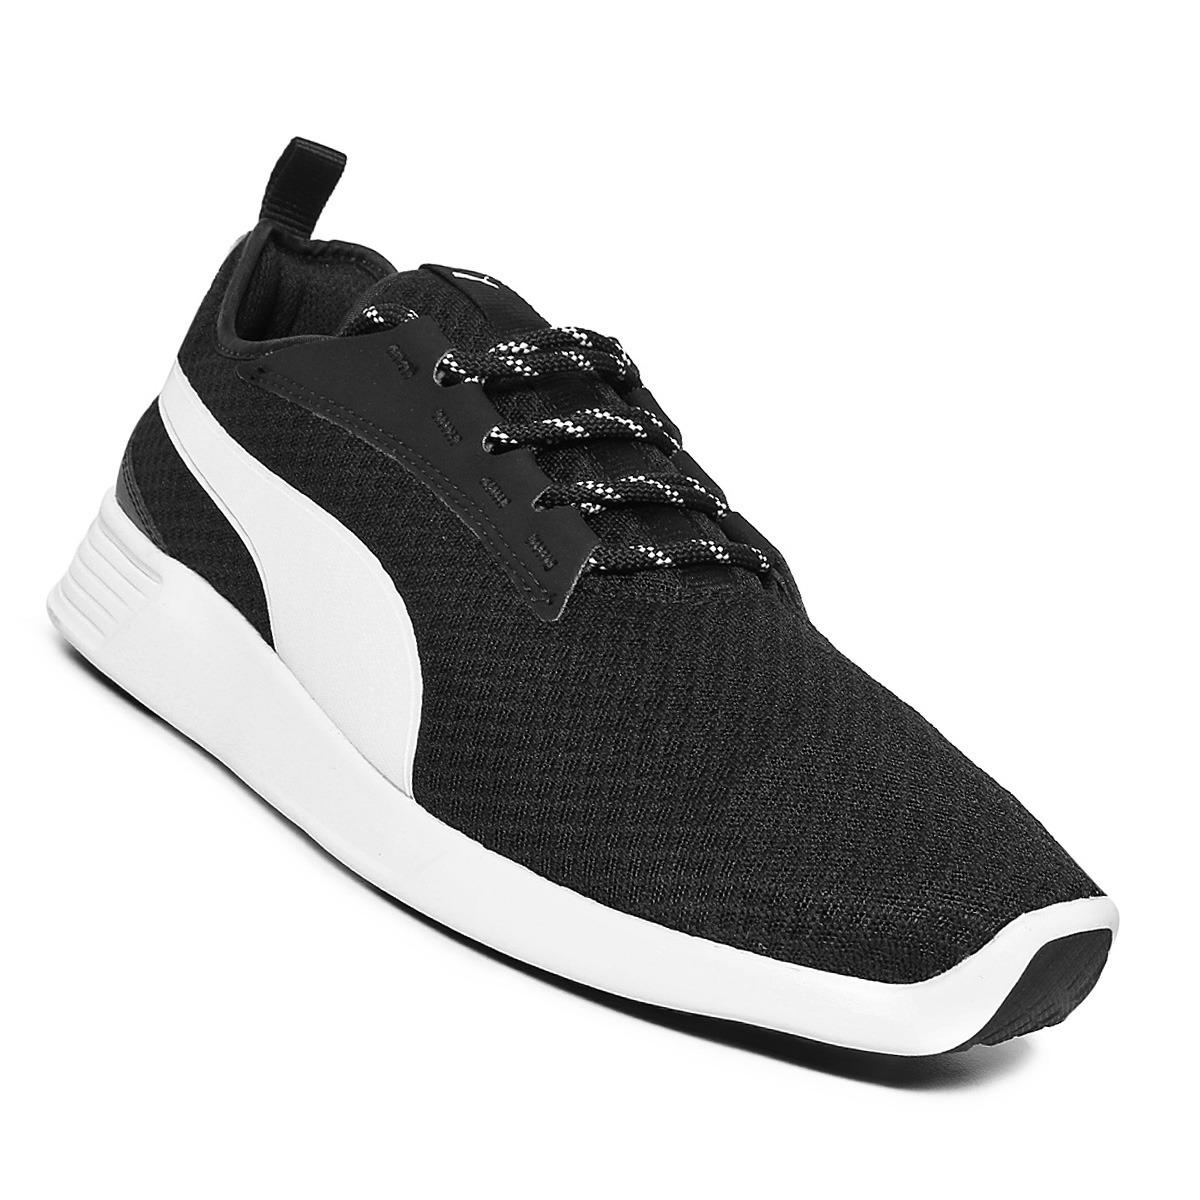 efda778e4edc4 tenis puma st trainer evo v2 color negro de hombre 2651828. Cargando zoom.